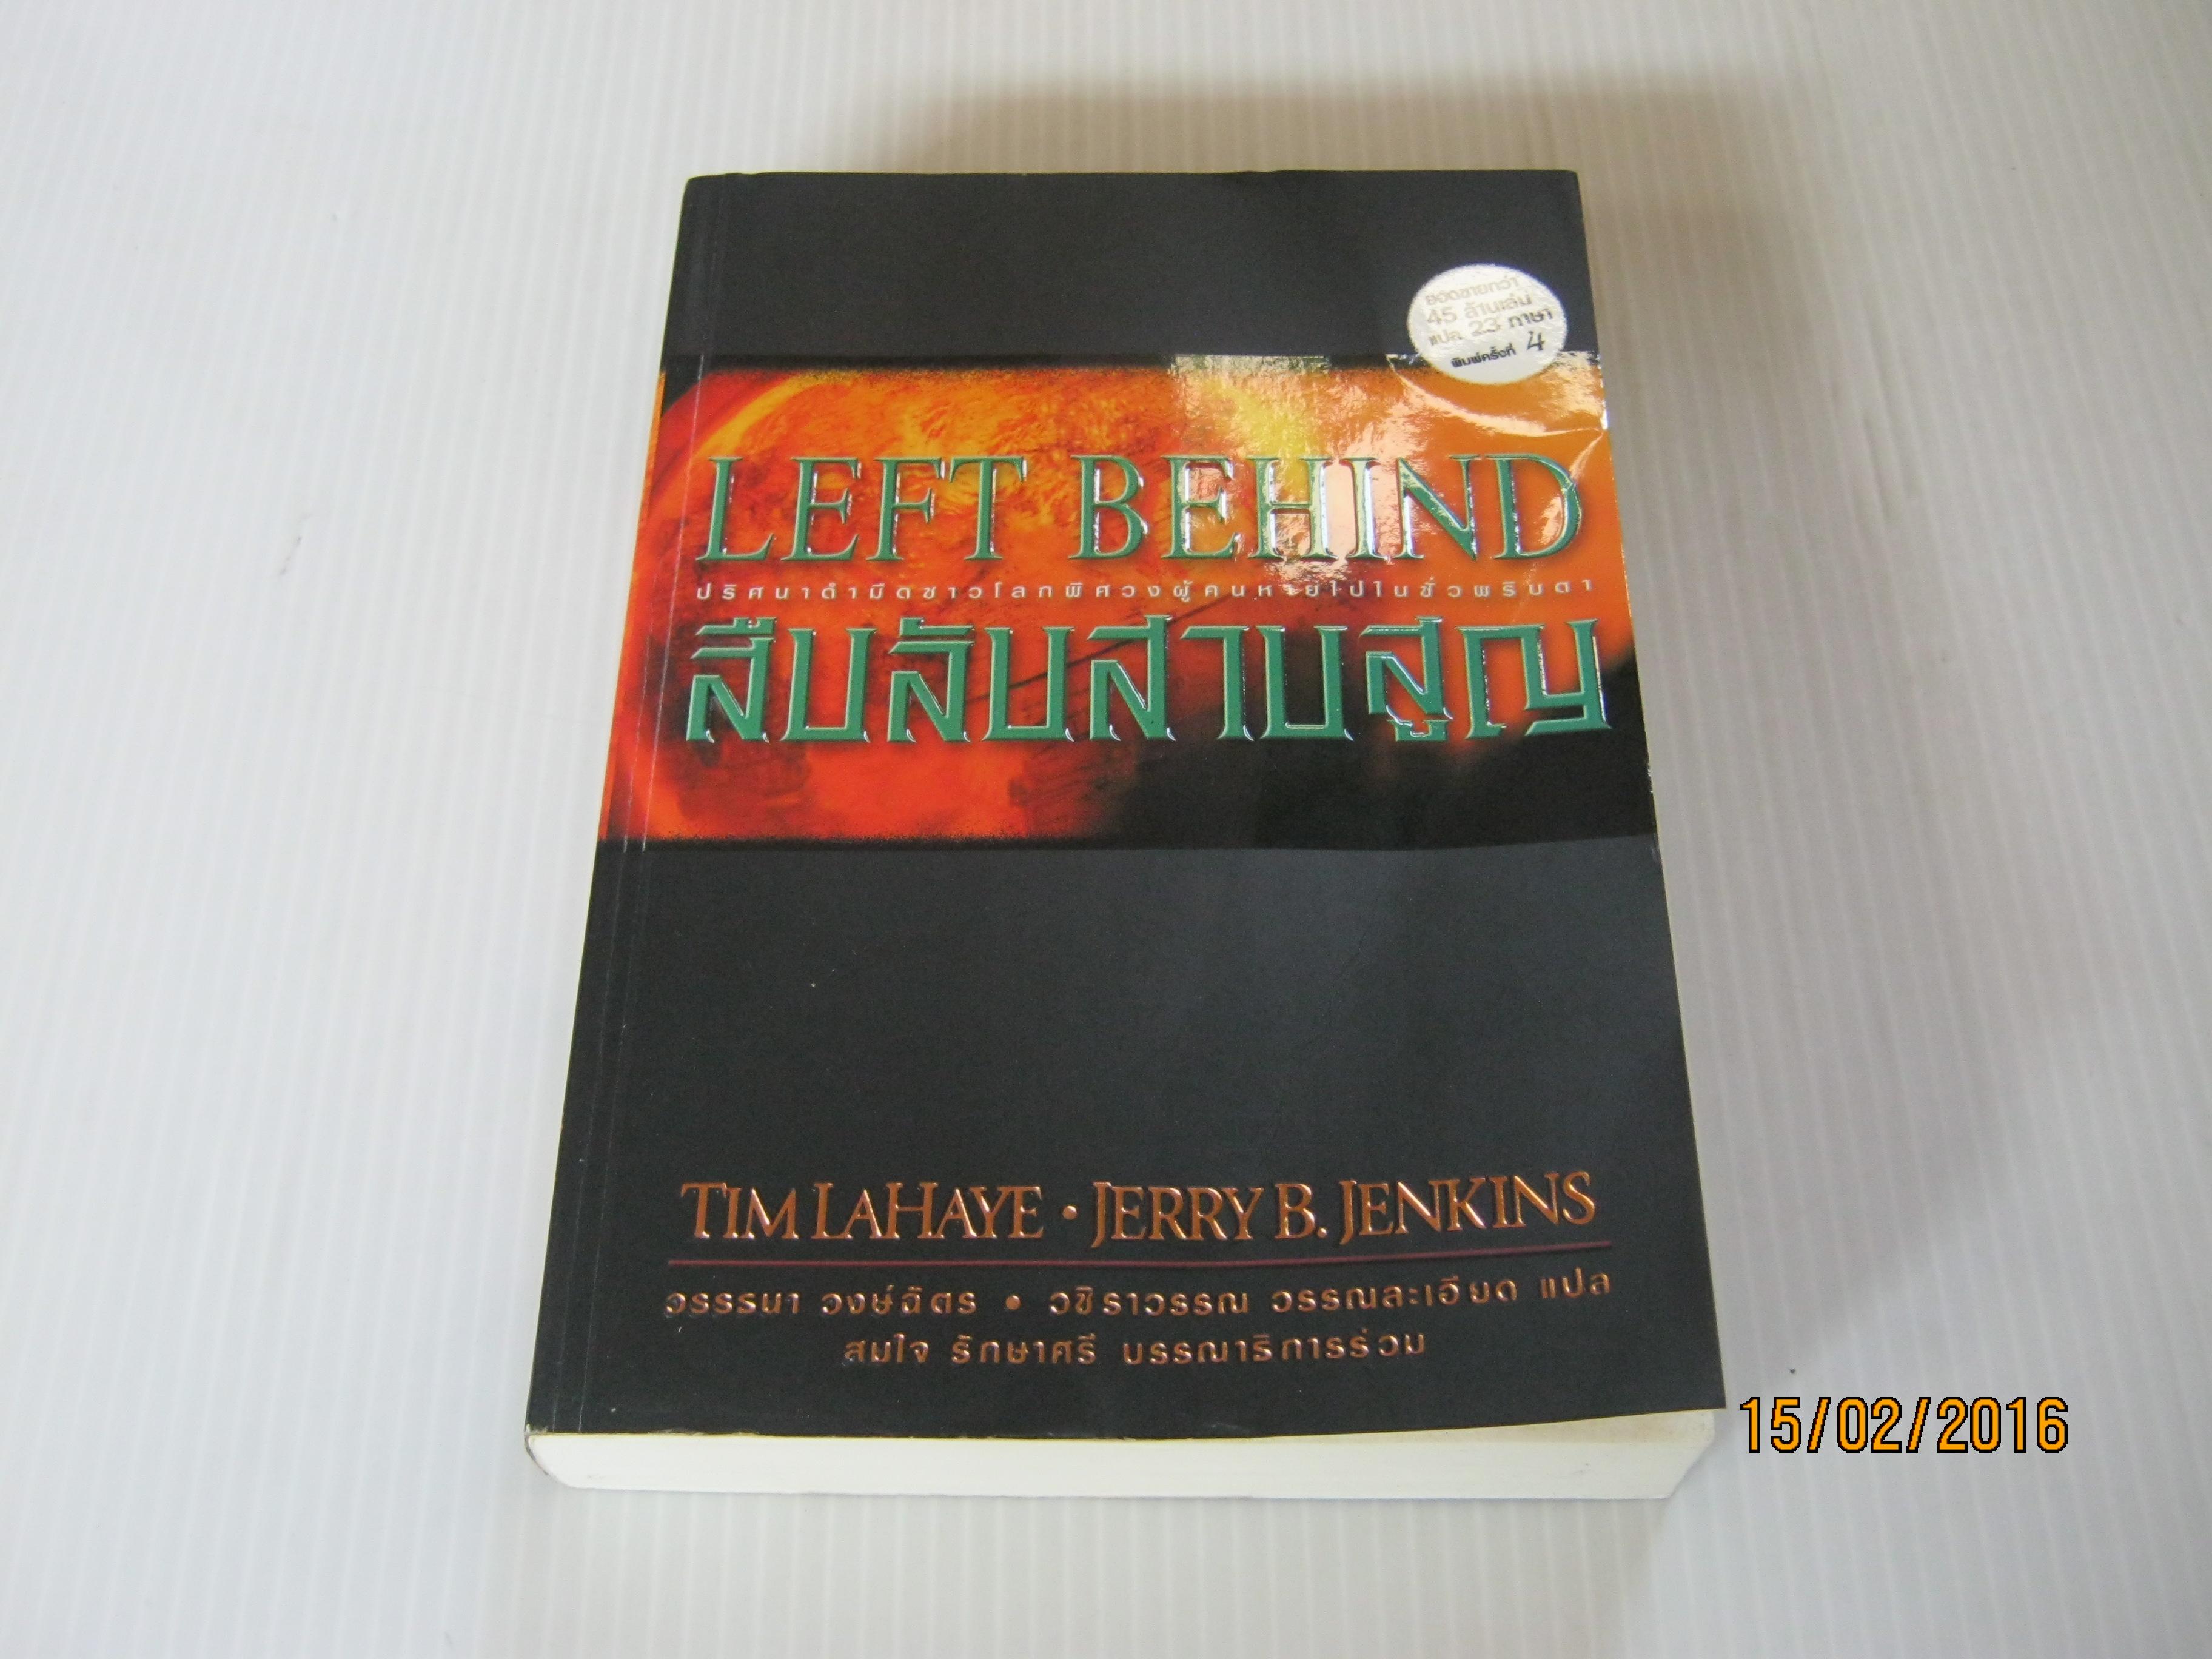 ผู้ที่เหลืออยู่ ตอน สืบลับสาบสูญ (Left Behind) พิมพ์ครั้งที่ 4 Tim LaHaye & Jerry B. Jenkins เขียน วชิราวรรณ วรรณละเอียด แปล